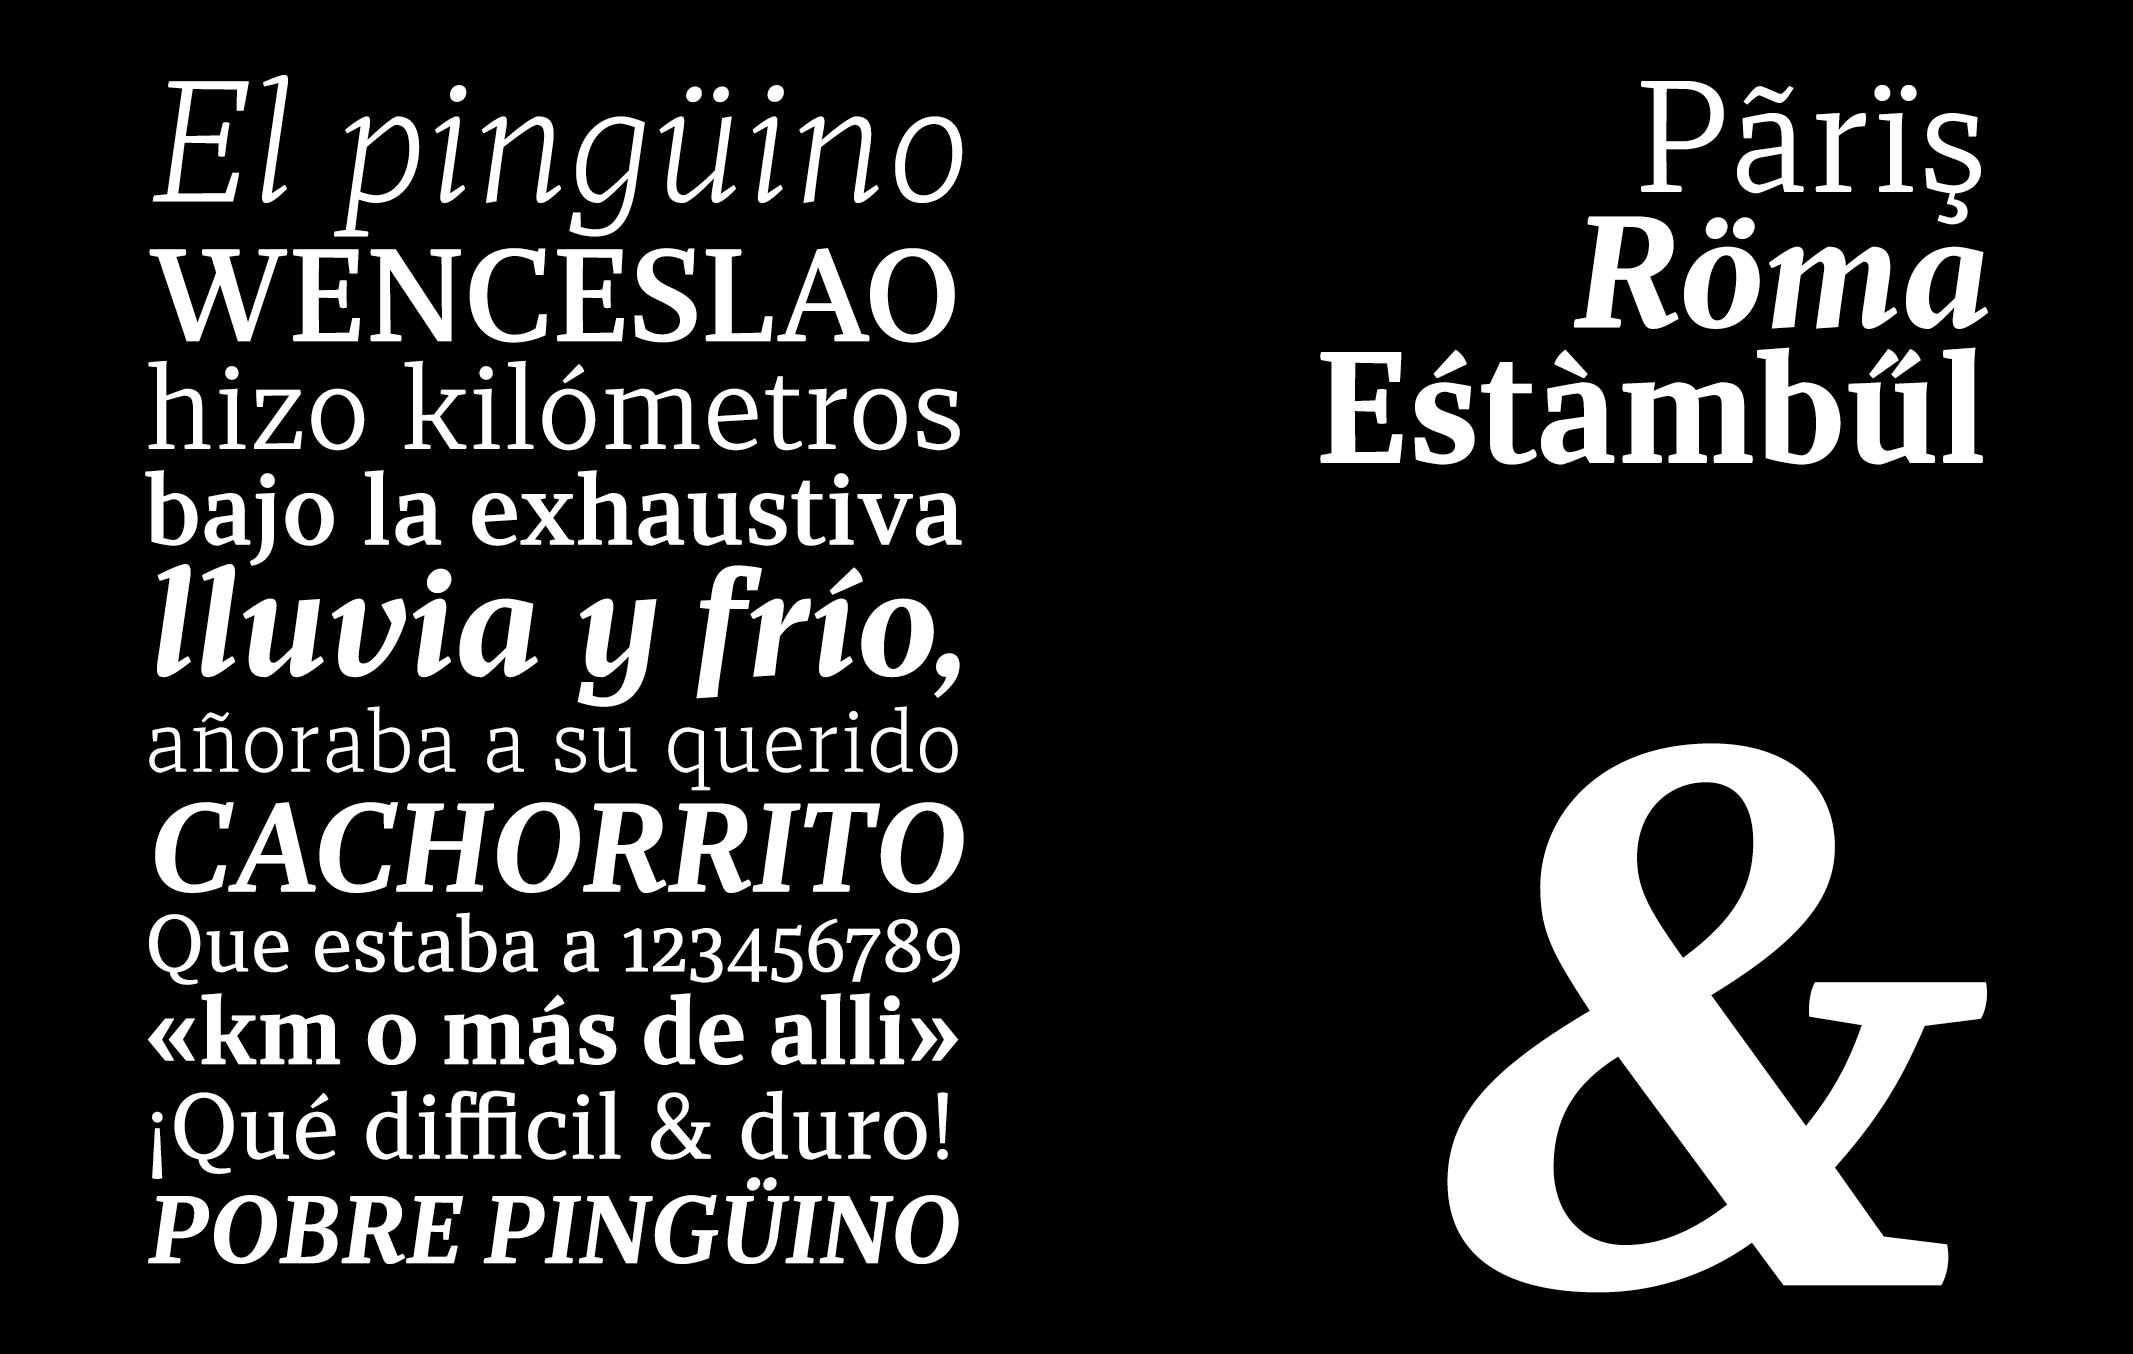 Carlos_de_Toro_Type_Design25